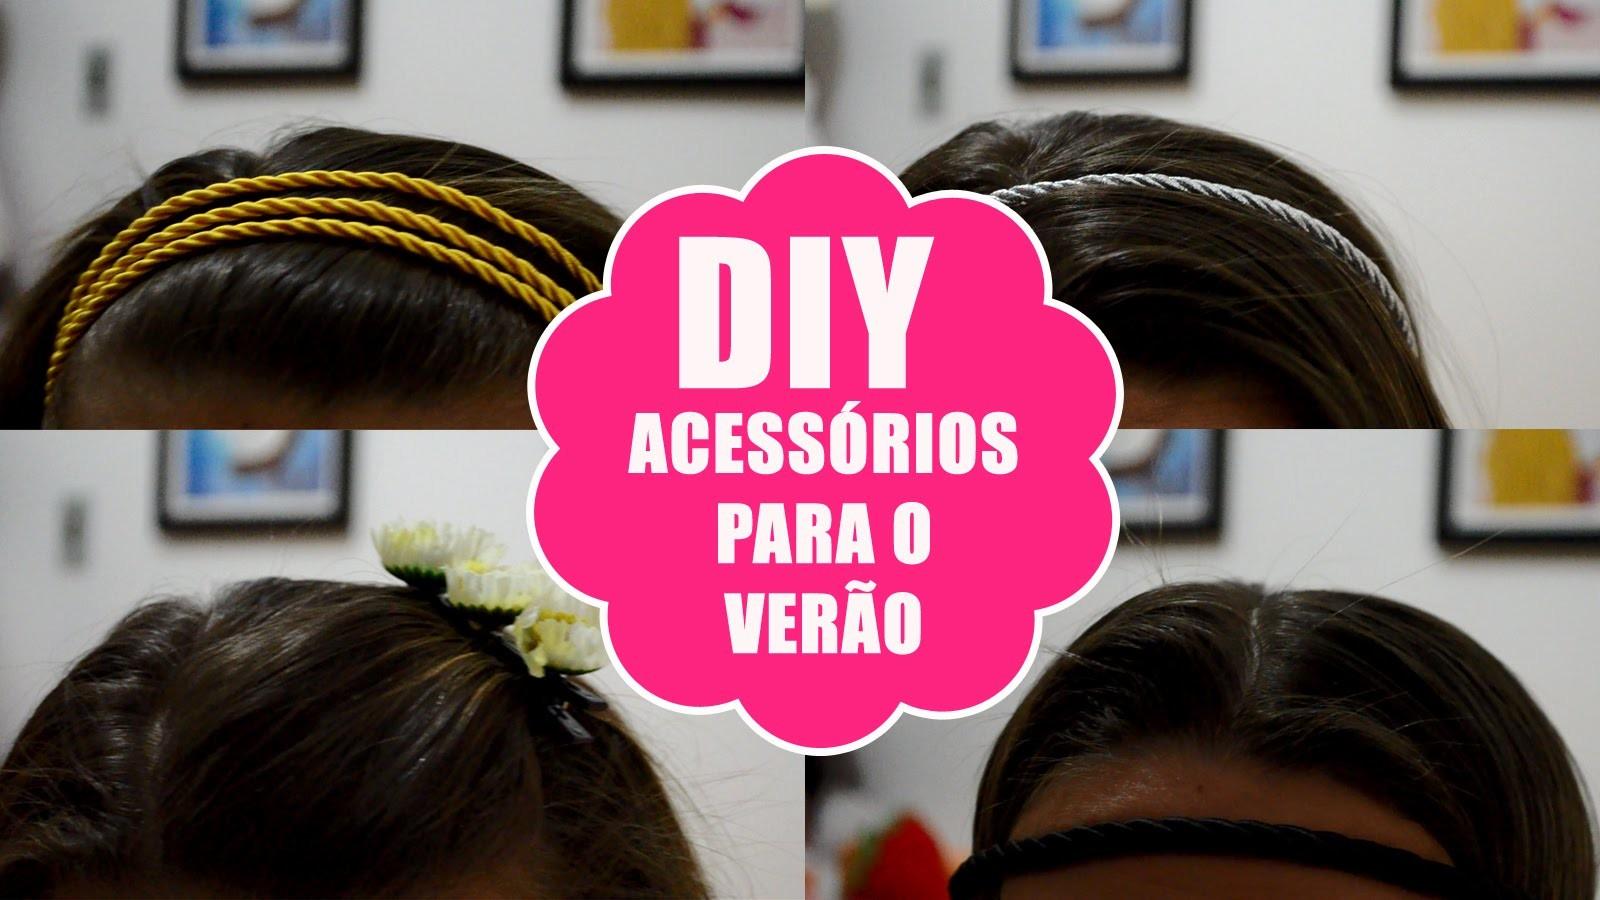 DIY - Headbands, Tiara e presilha - 4 Acessórios para o verão